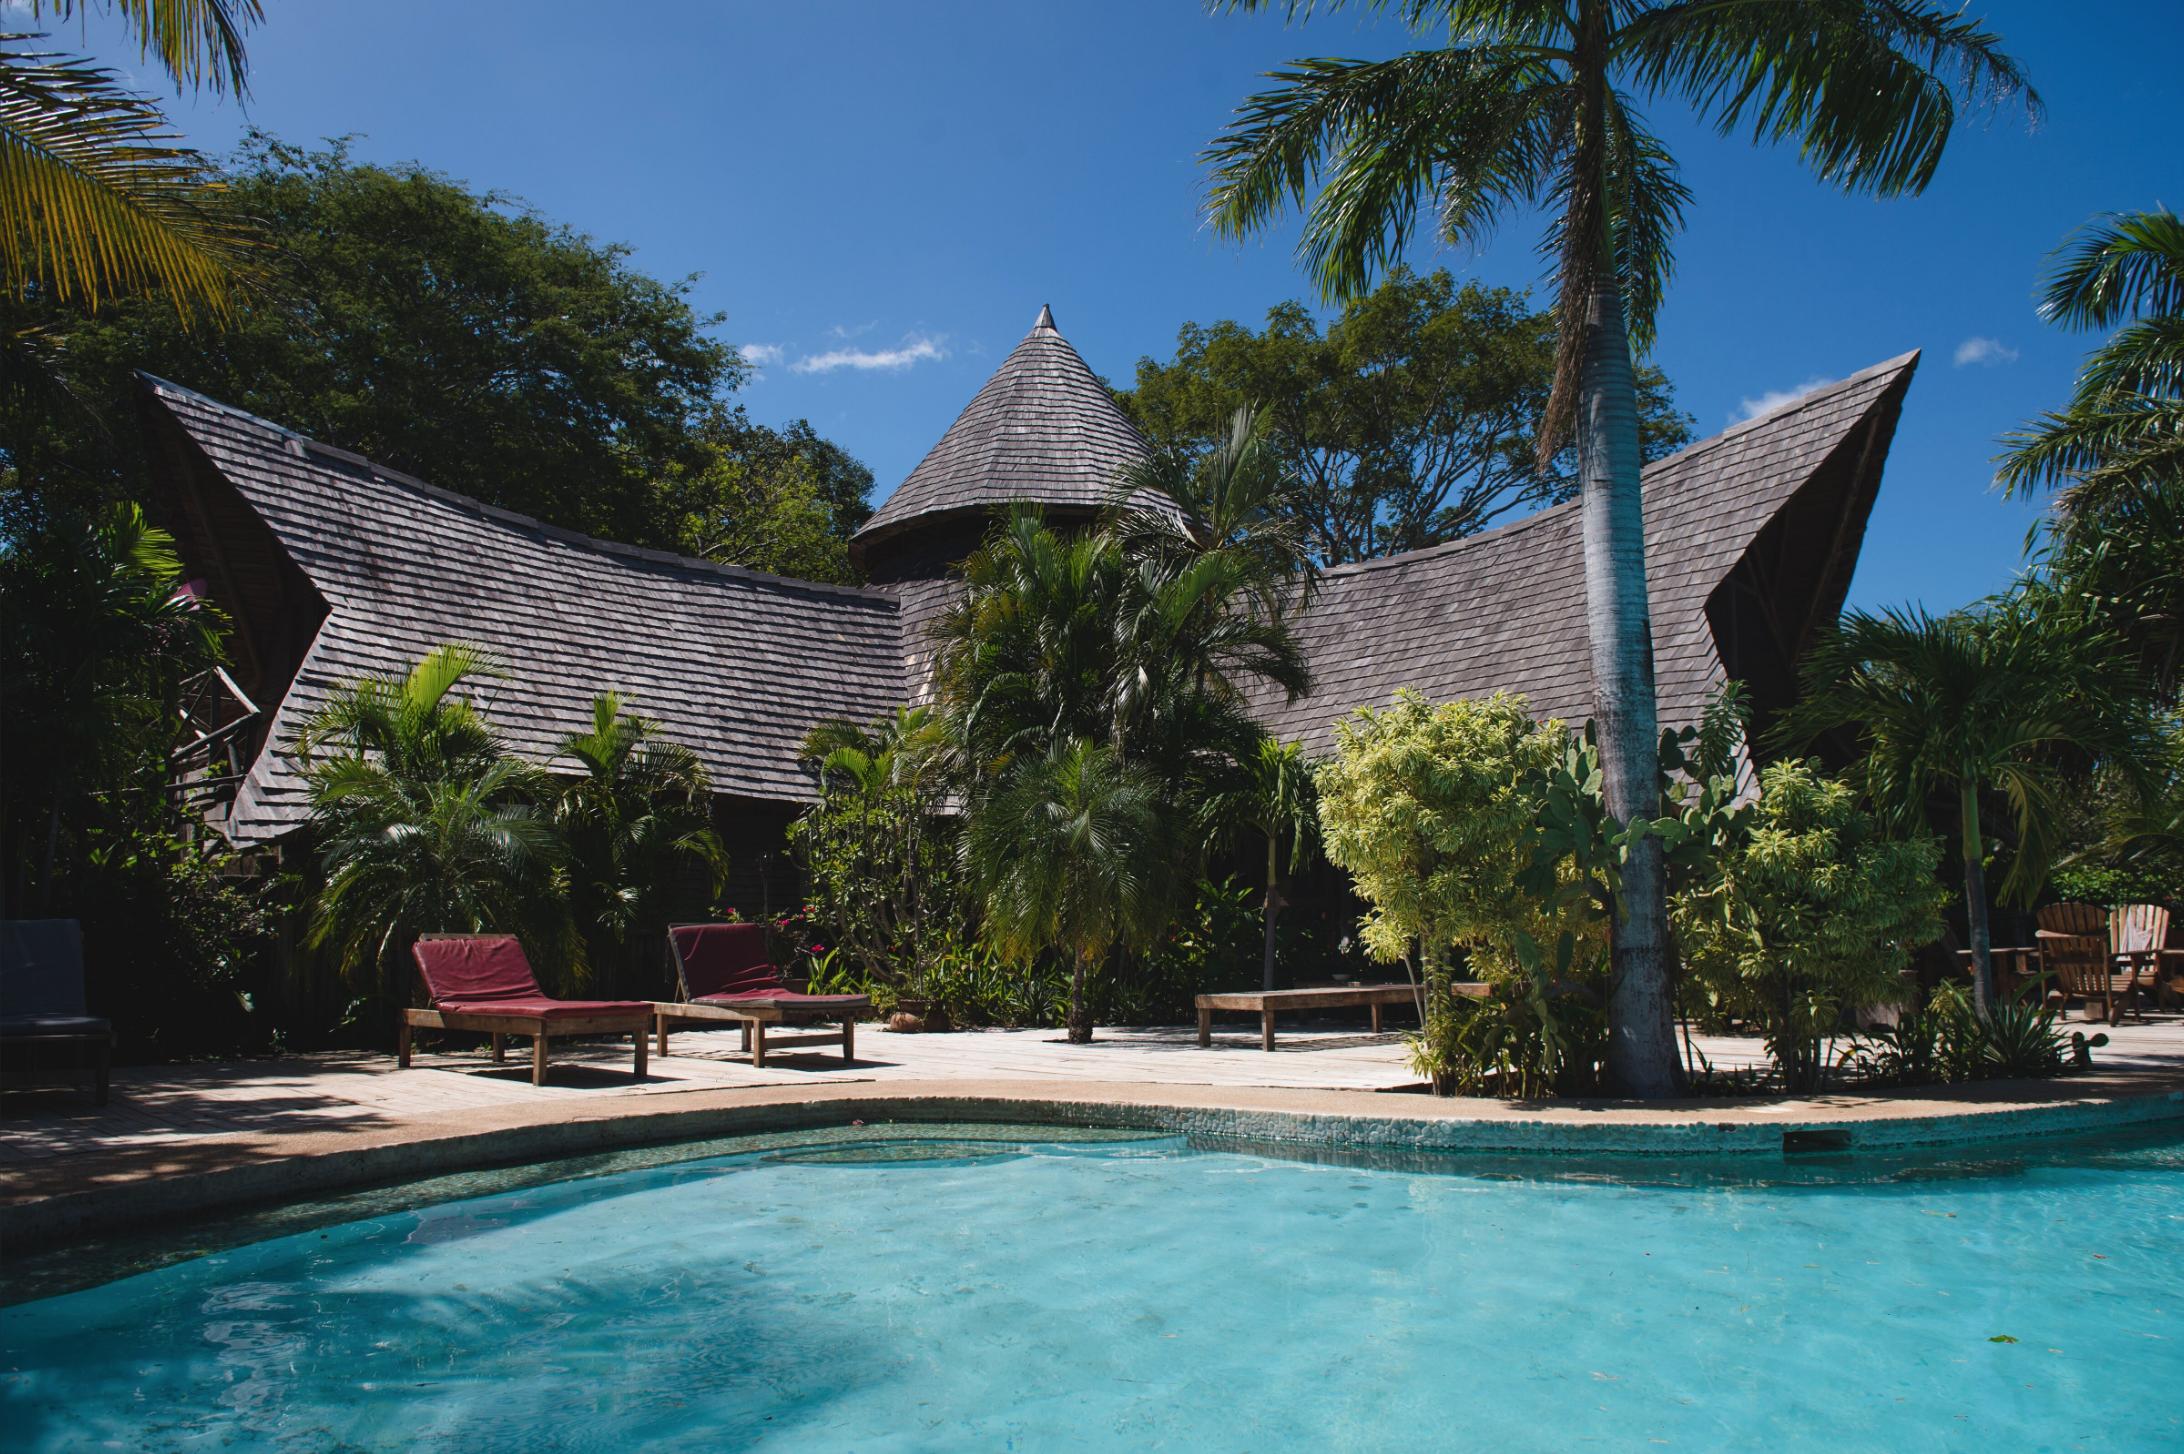 El Sabanero Lodge